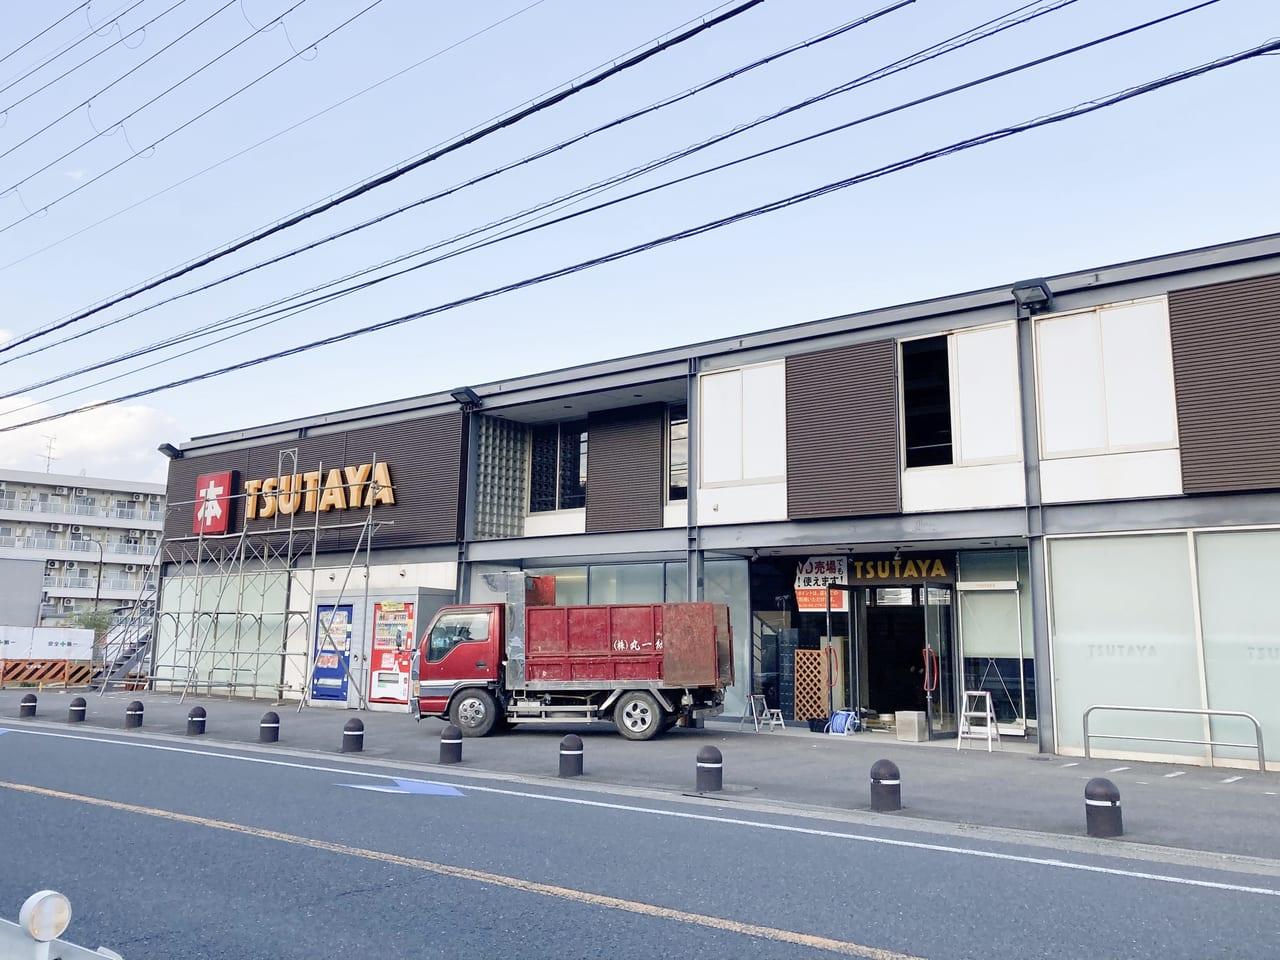 TSUTAYA興戸店跡